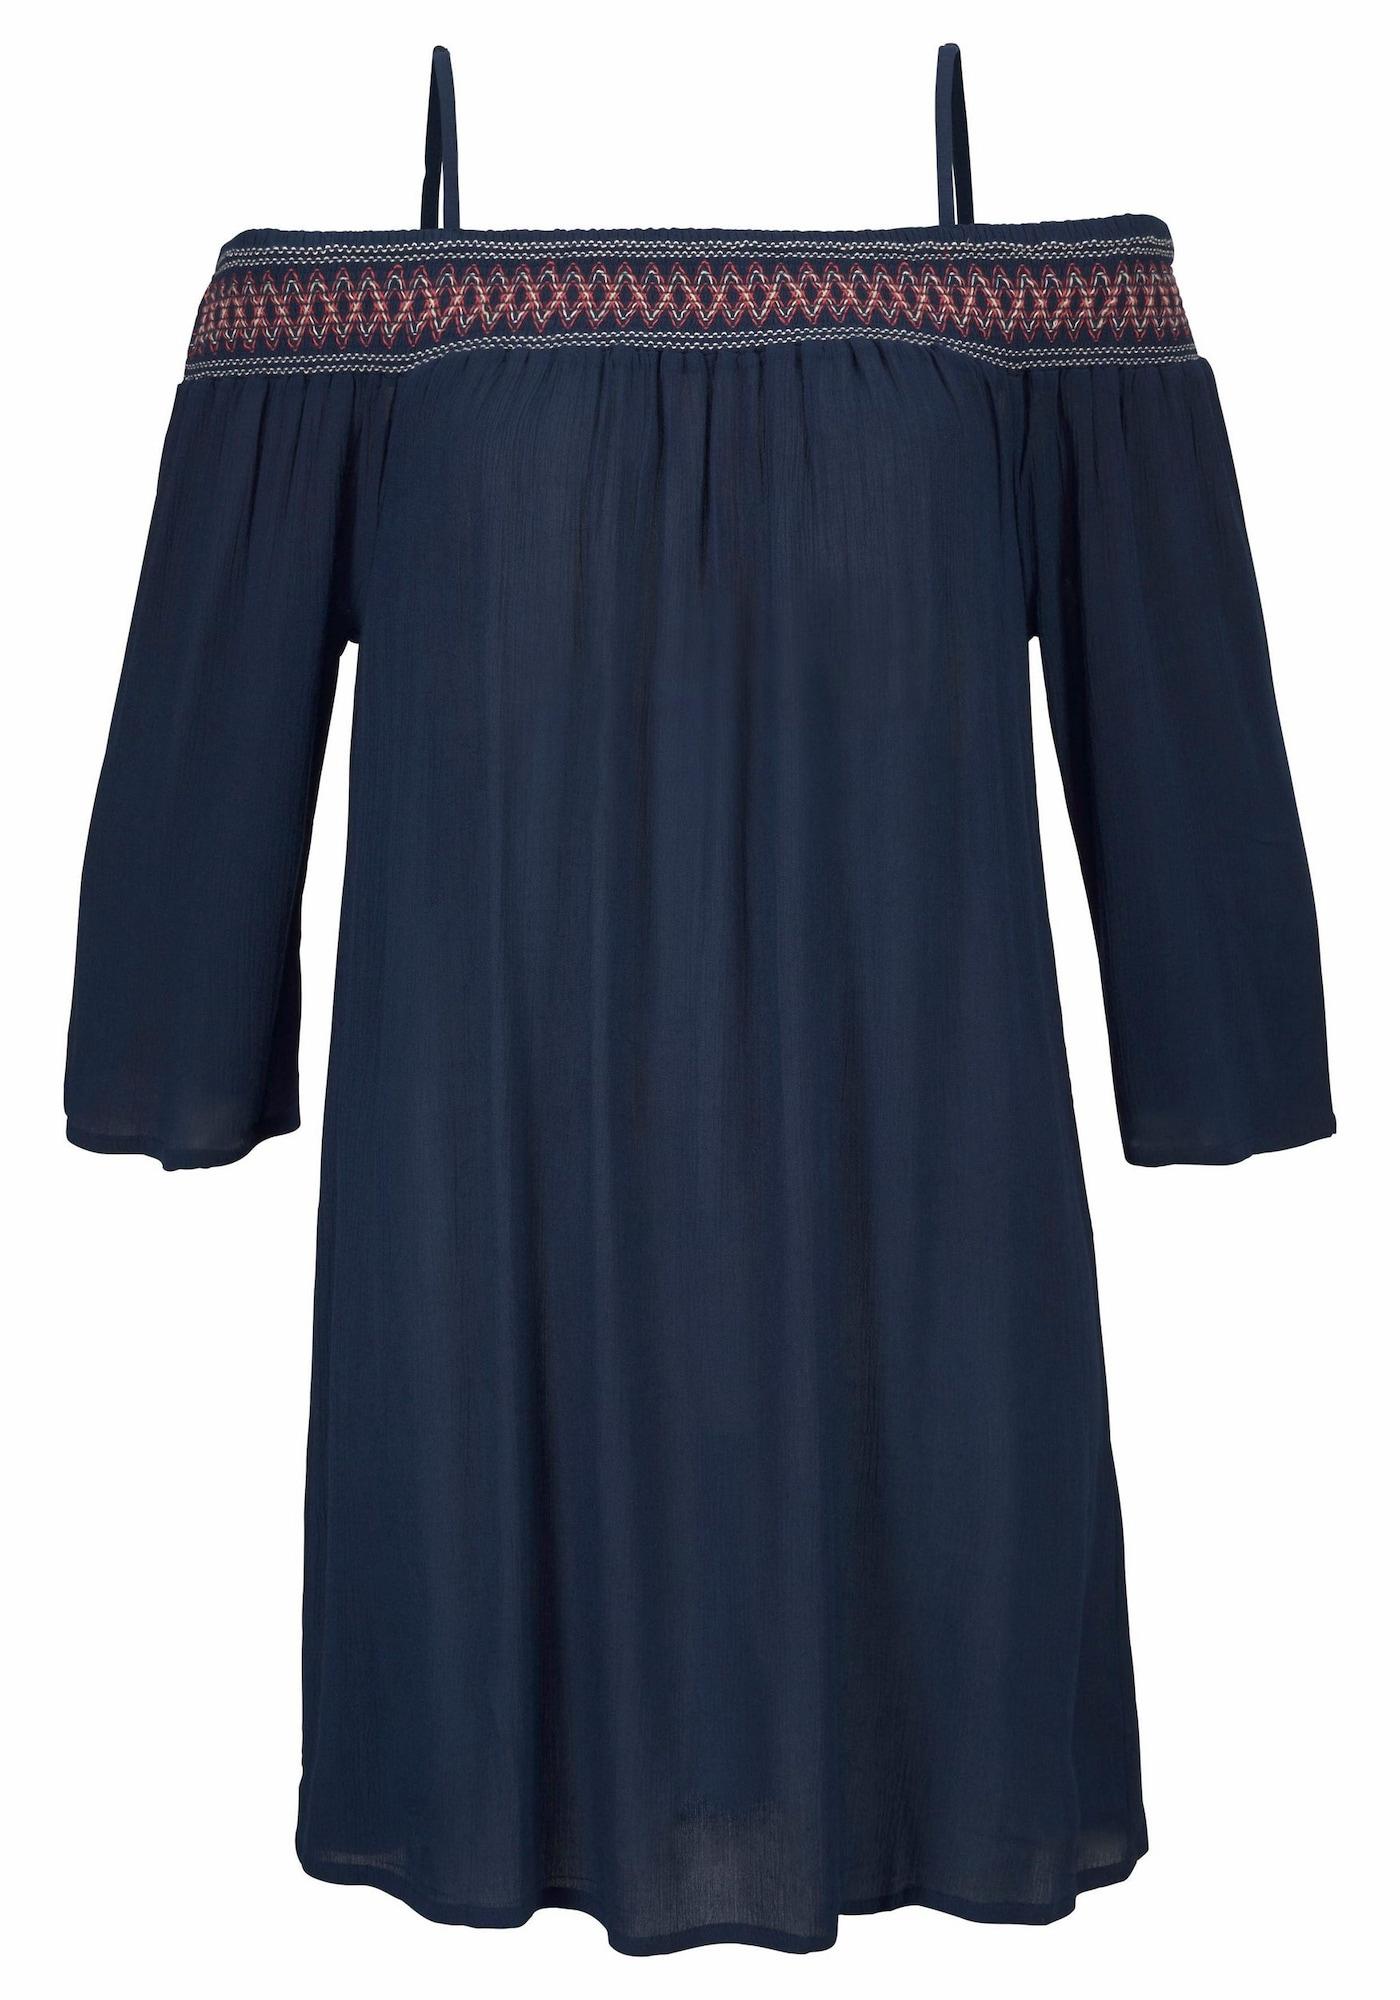 s.Oliver Paplūdimio suknelė tamsiai mėlyna / kraujo spalva